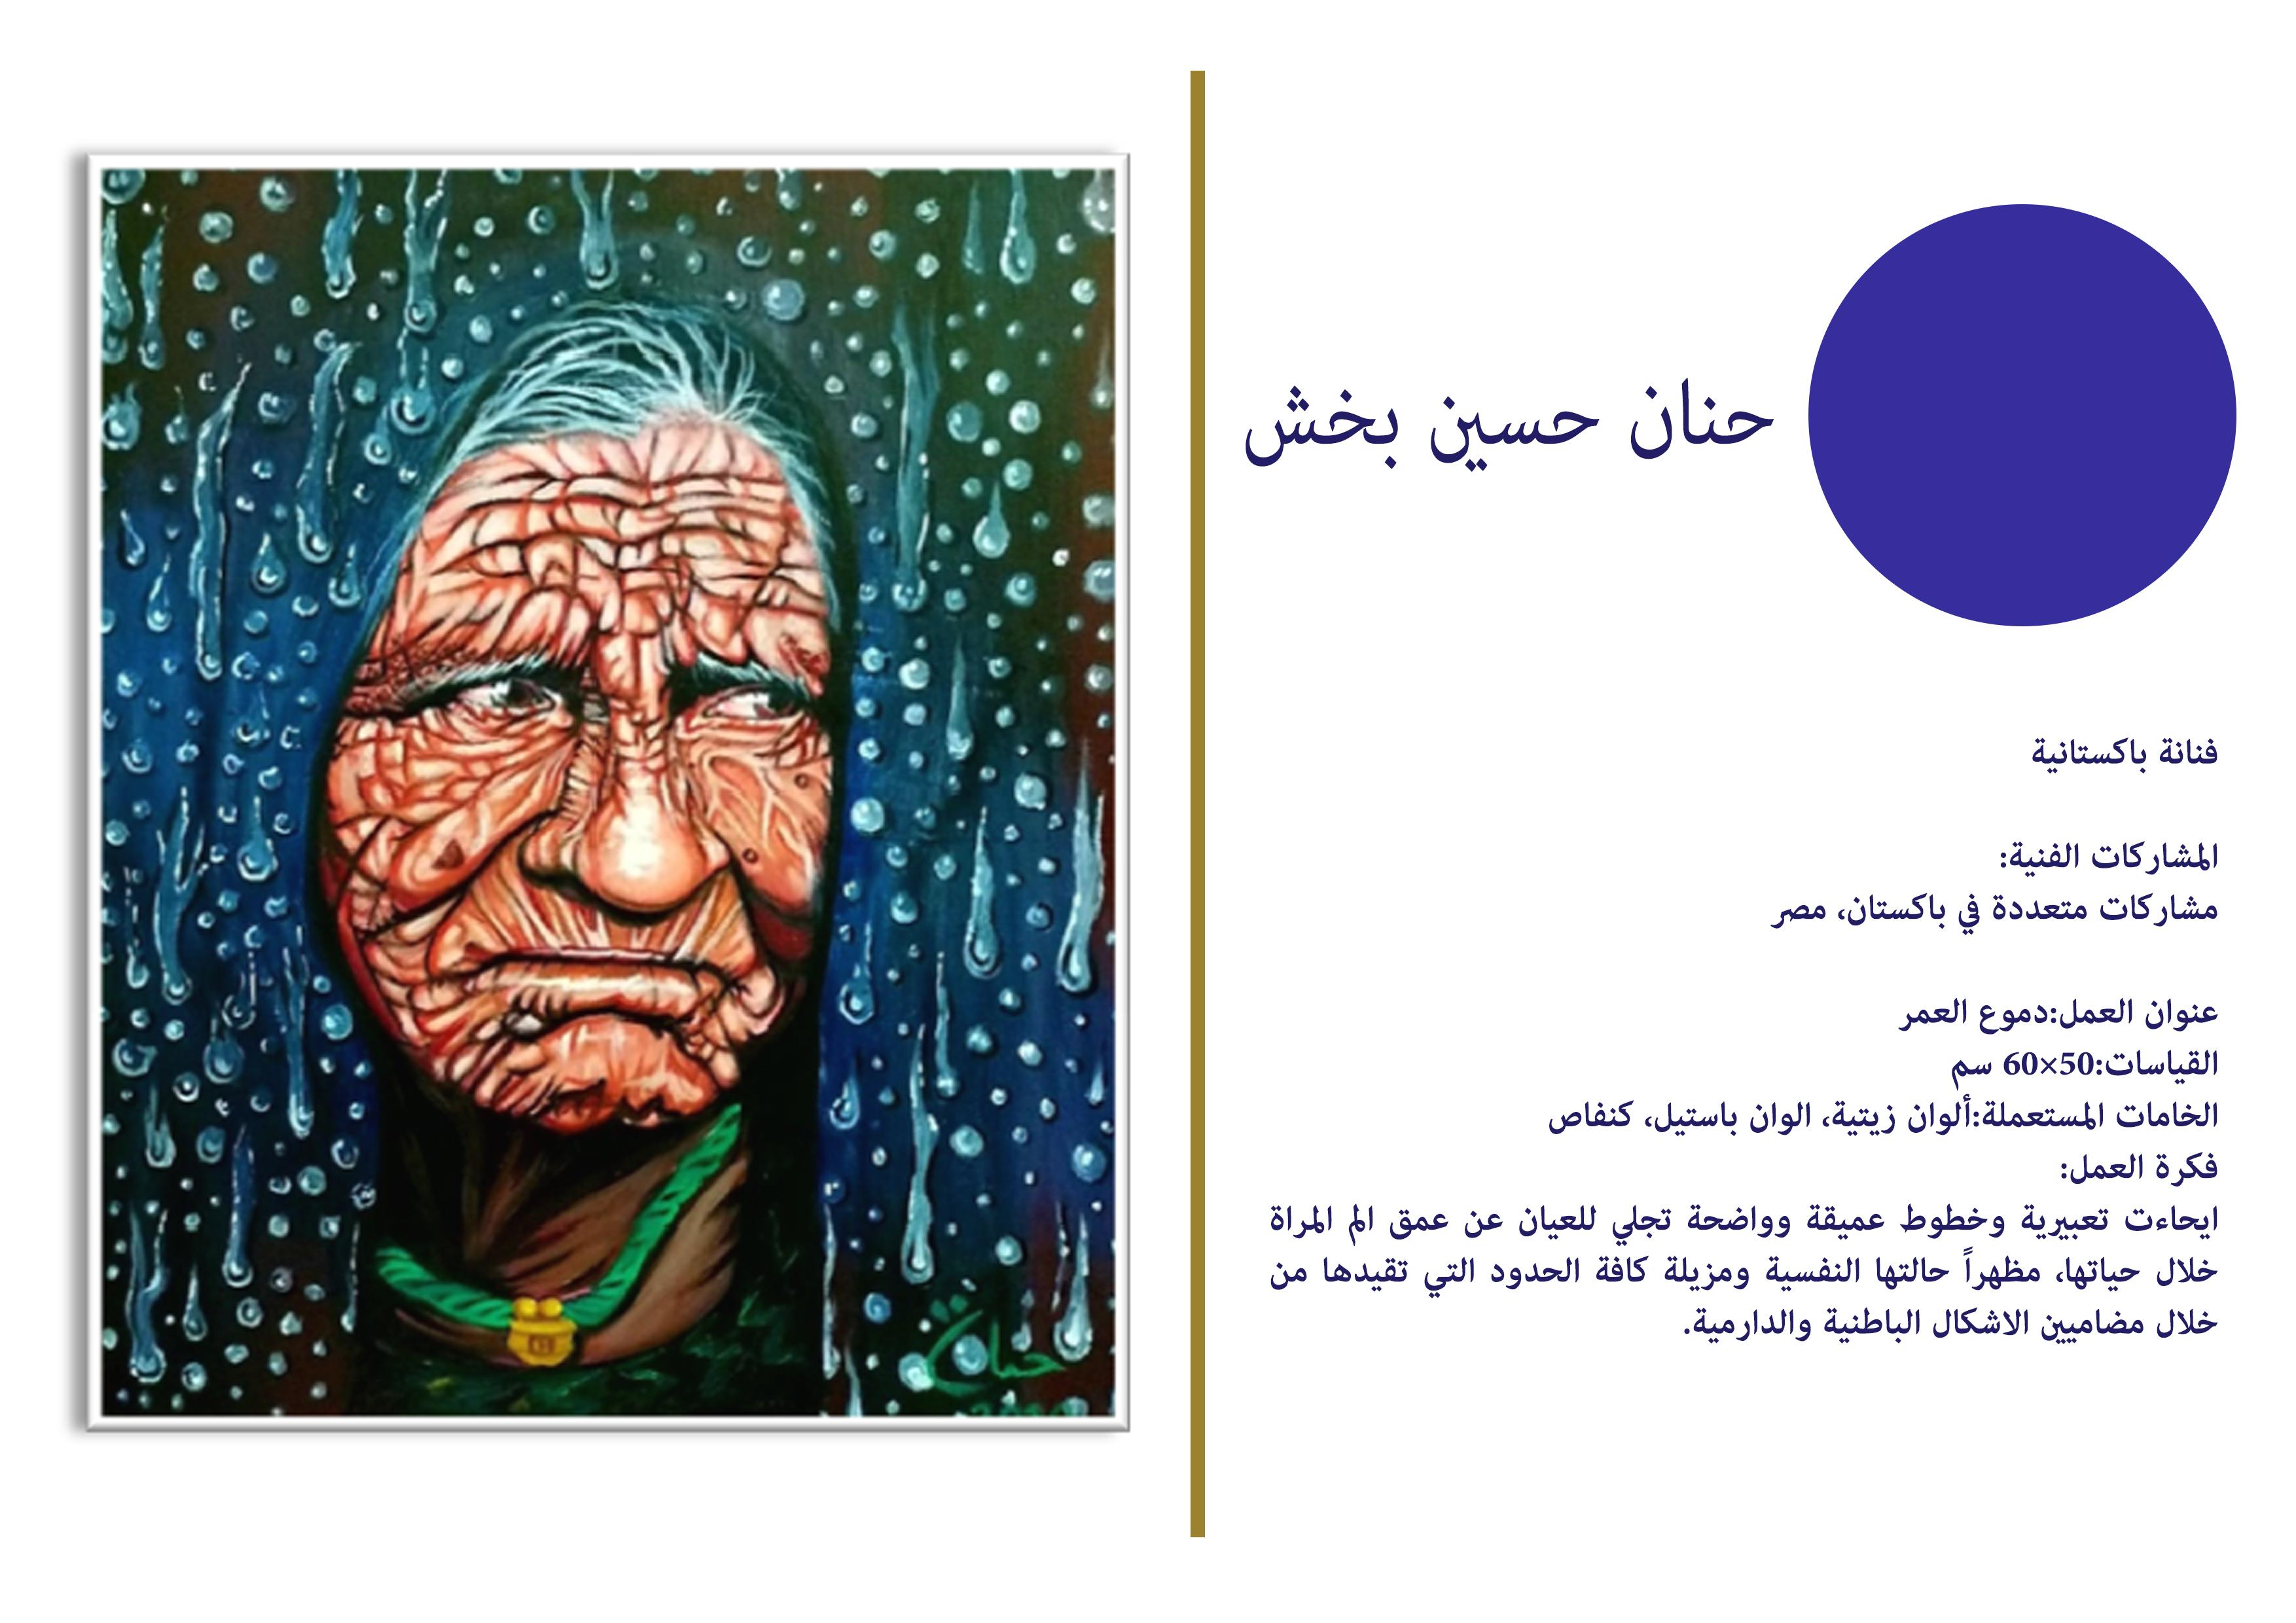 حنان حسين بخش